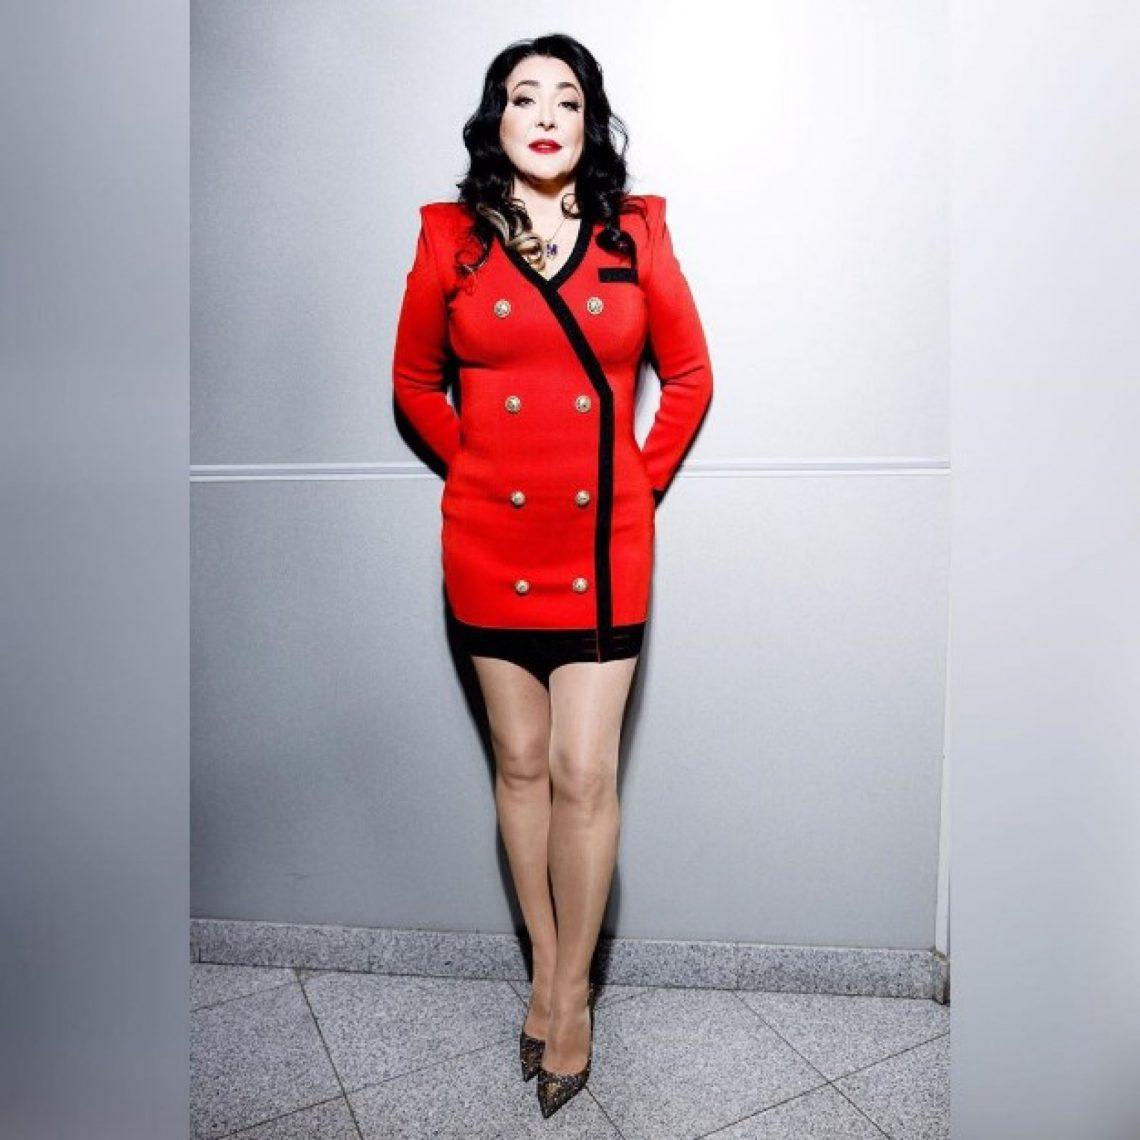 """""""Я крутая тётка"""": Лолита Милявская поразила поклонников стройной фигурой в облегающем наряде"""